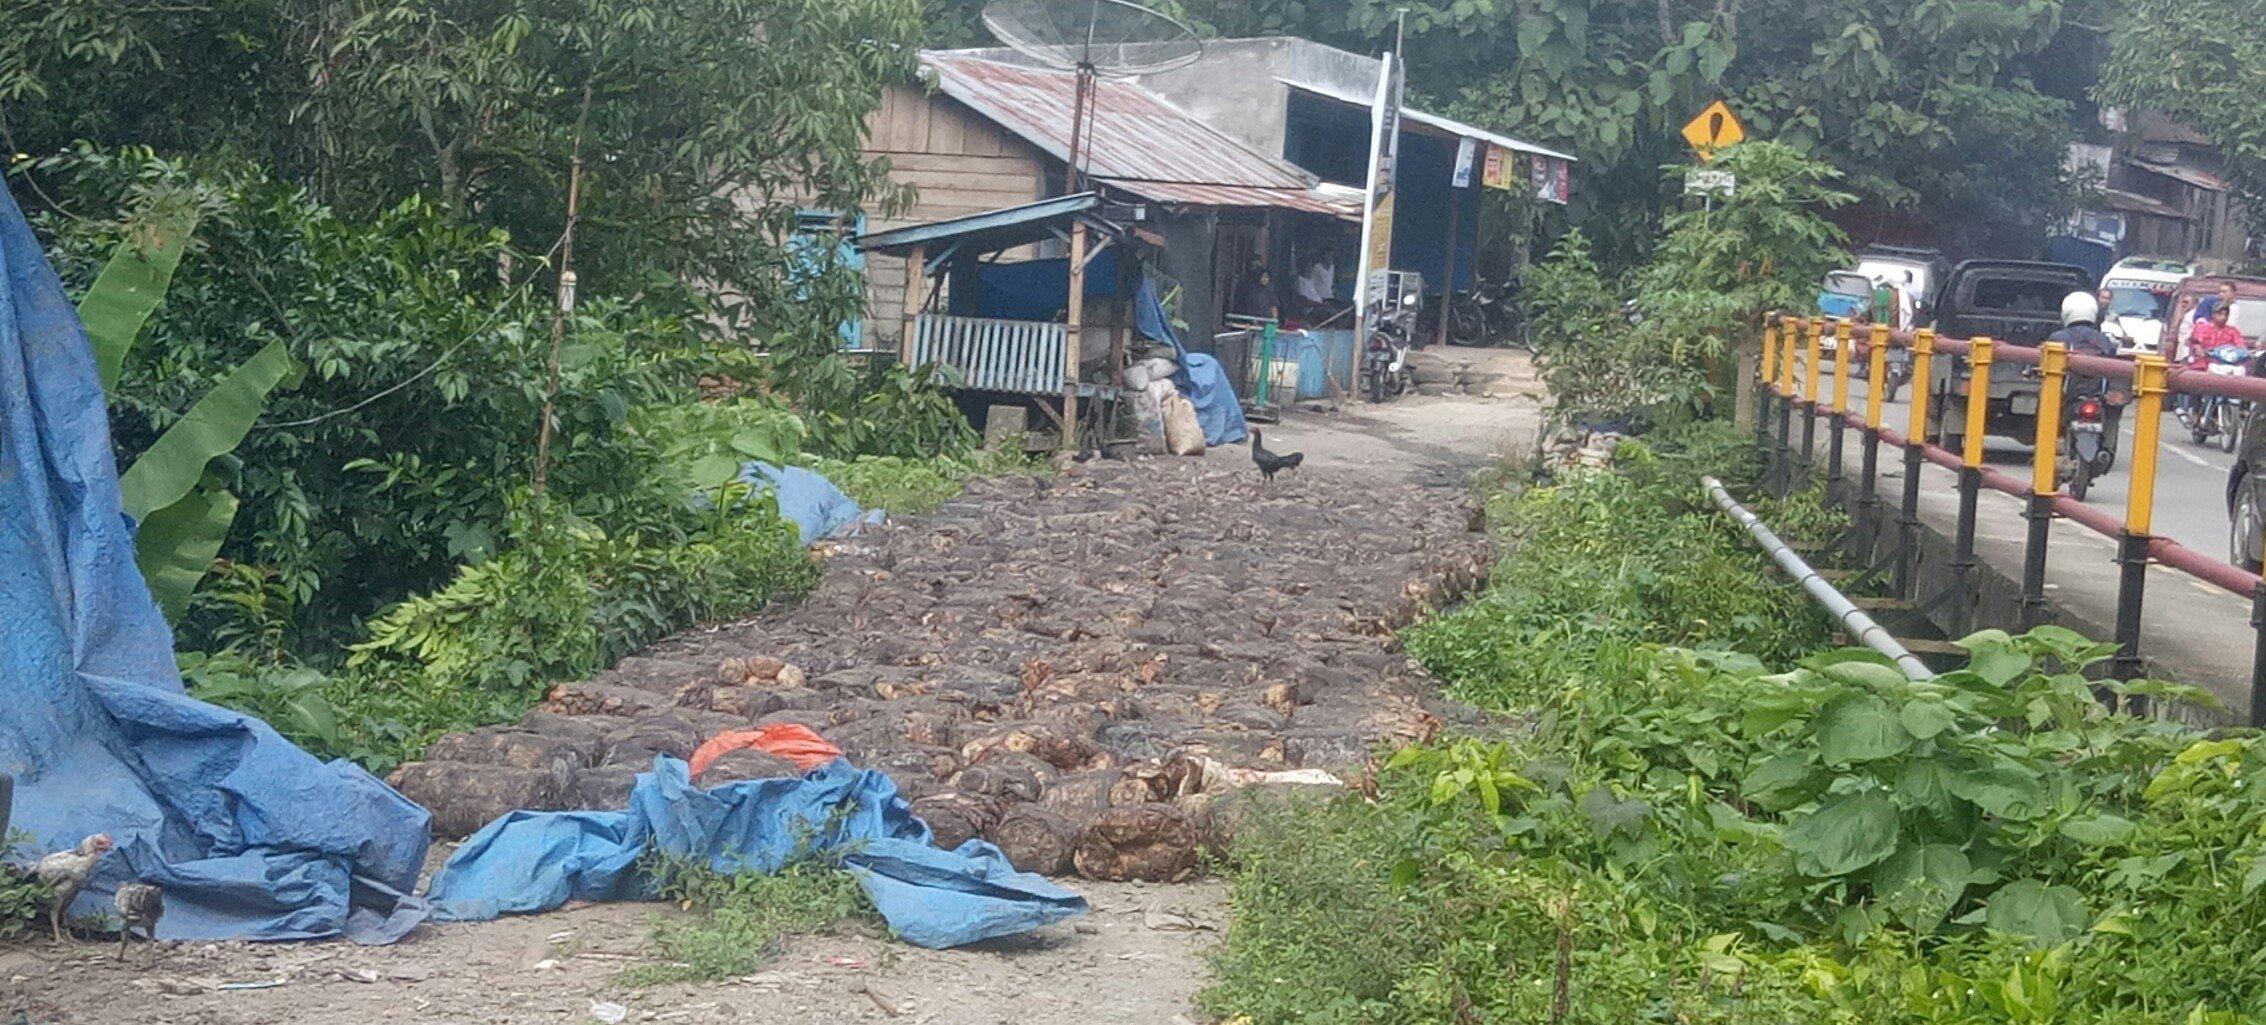 Foto : Harga getah karet alam di Panyabungan Selatan Madina Rp 9.000/kg